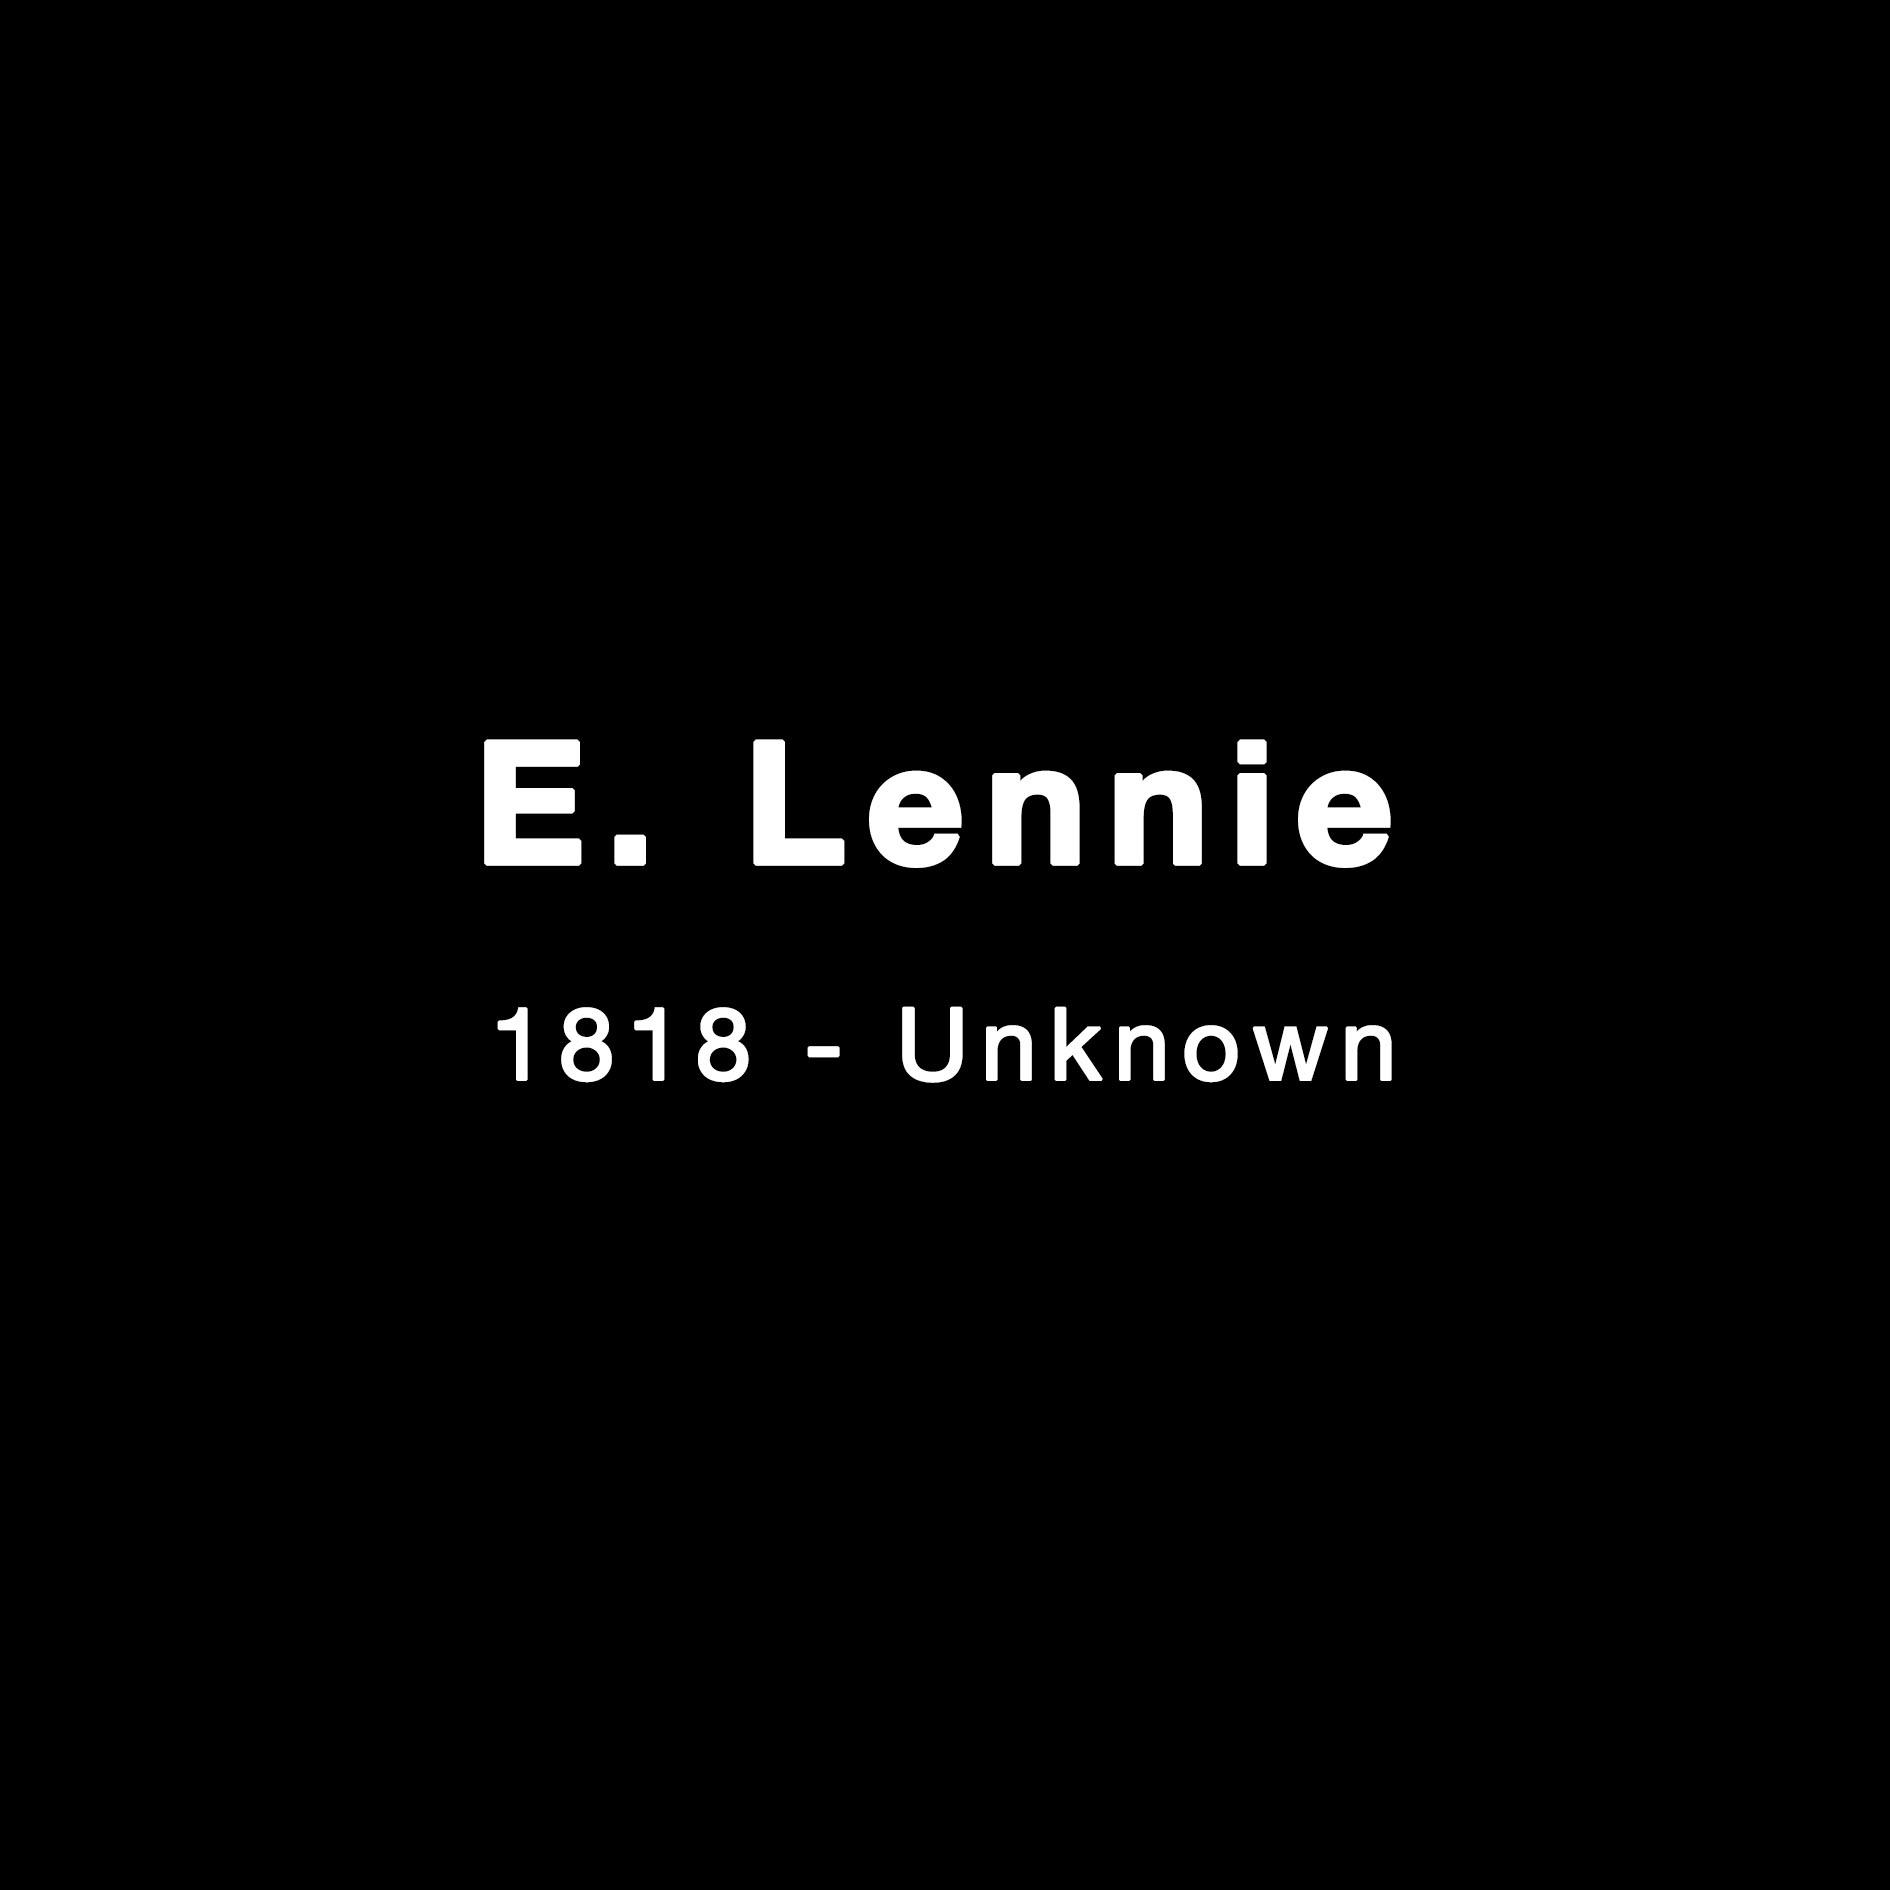 E. Lennie